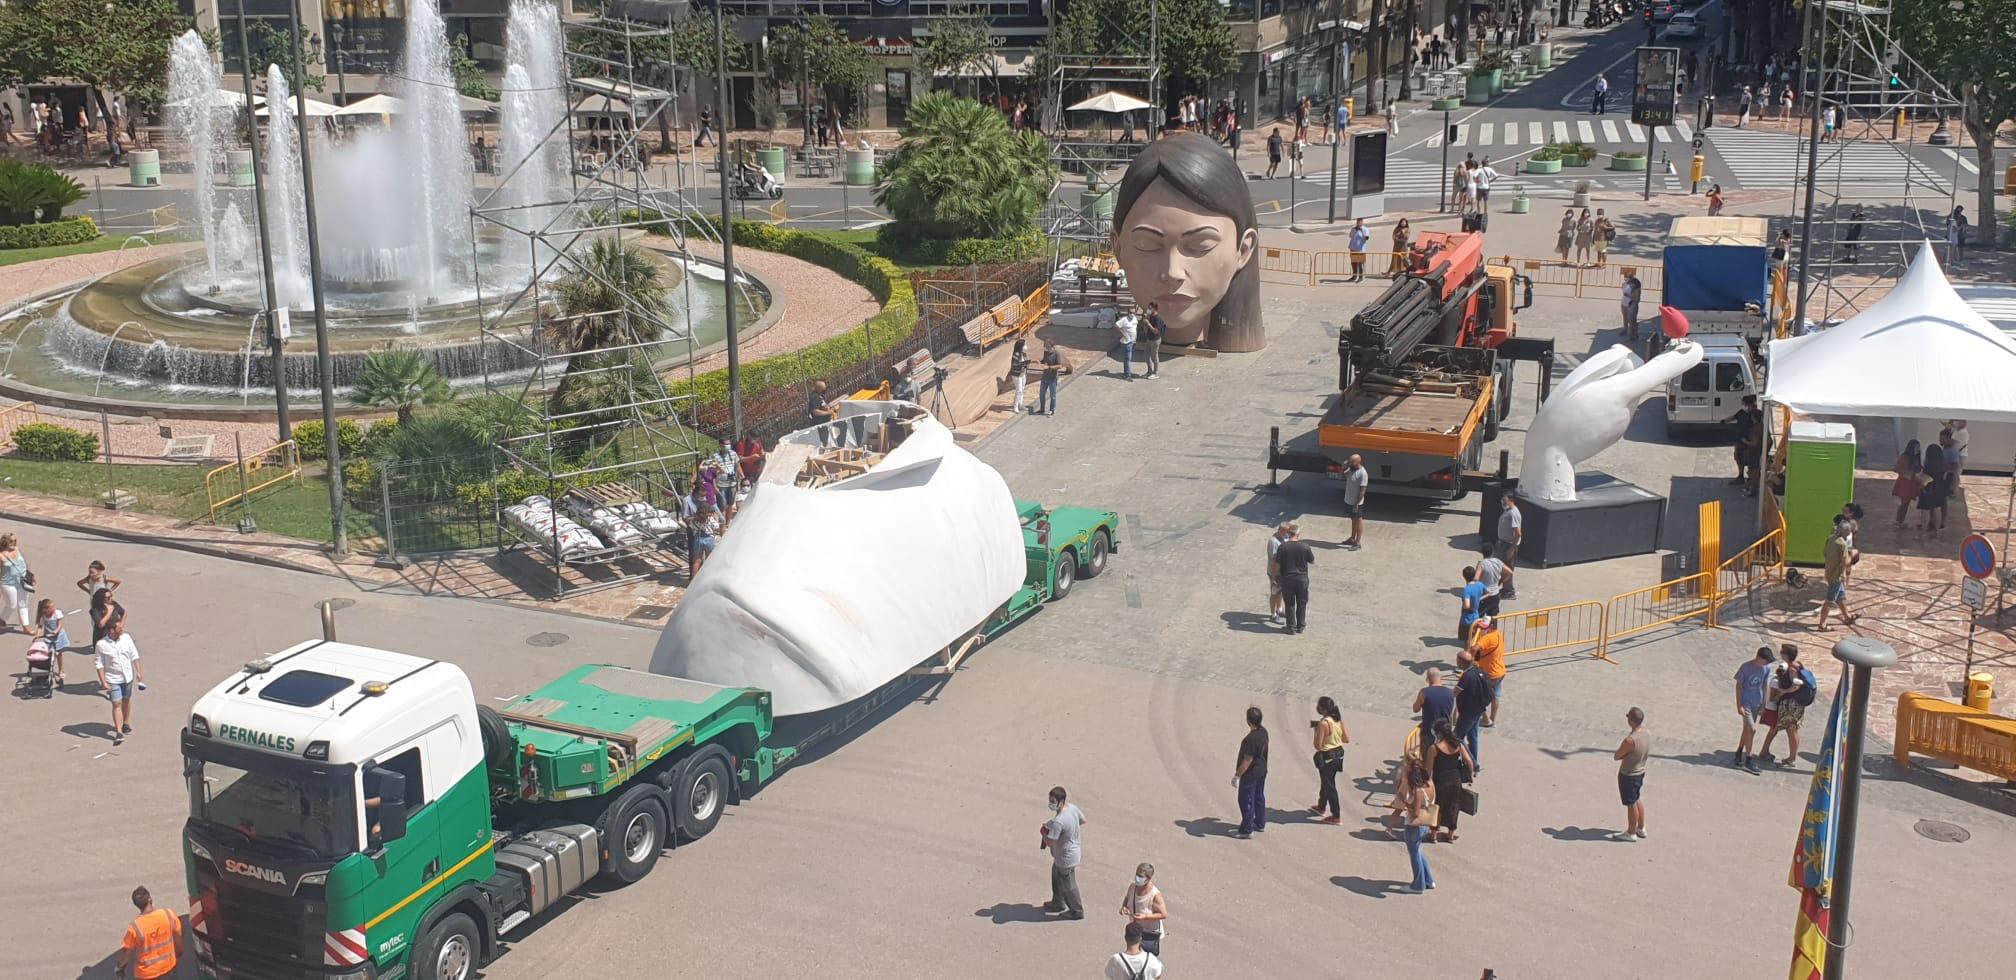 La Meditadora regresa a la Plaza del Ayuntamiento